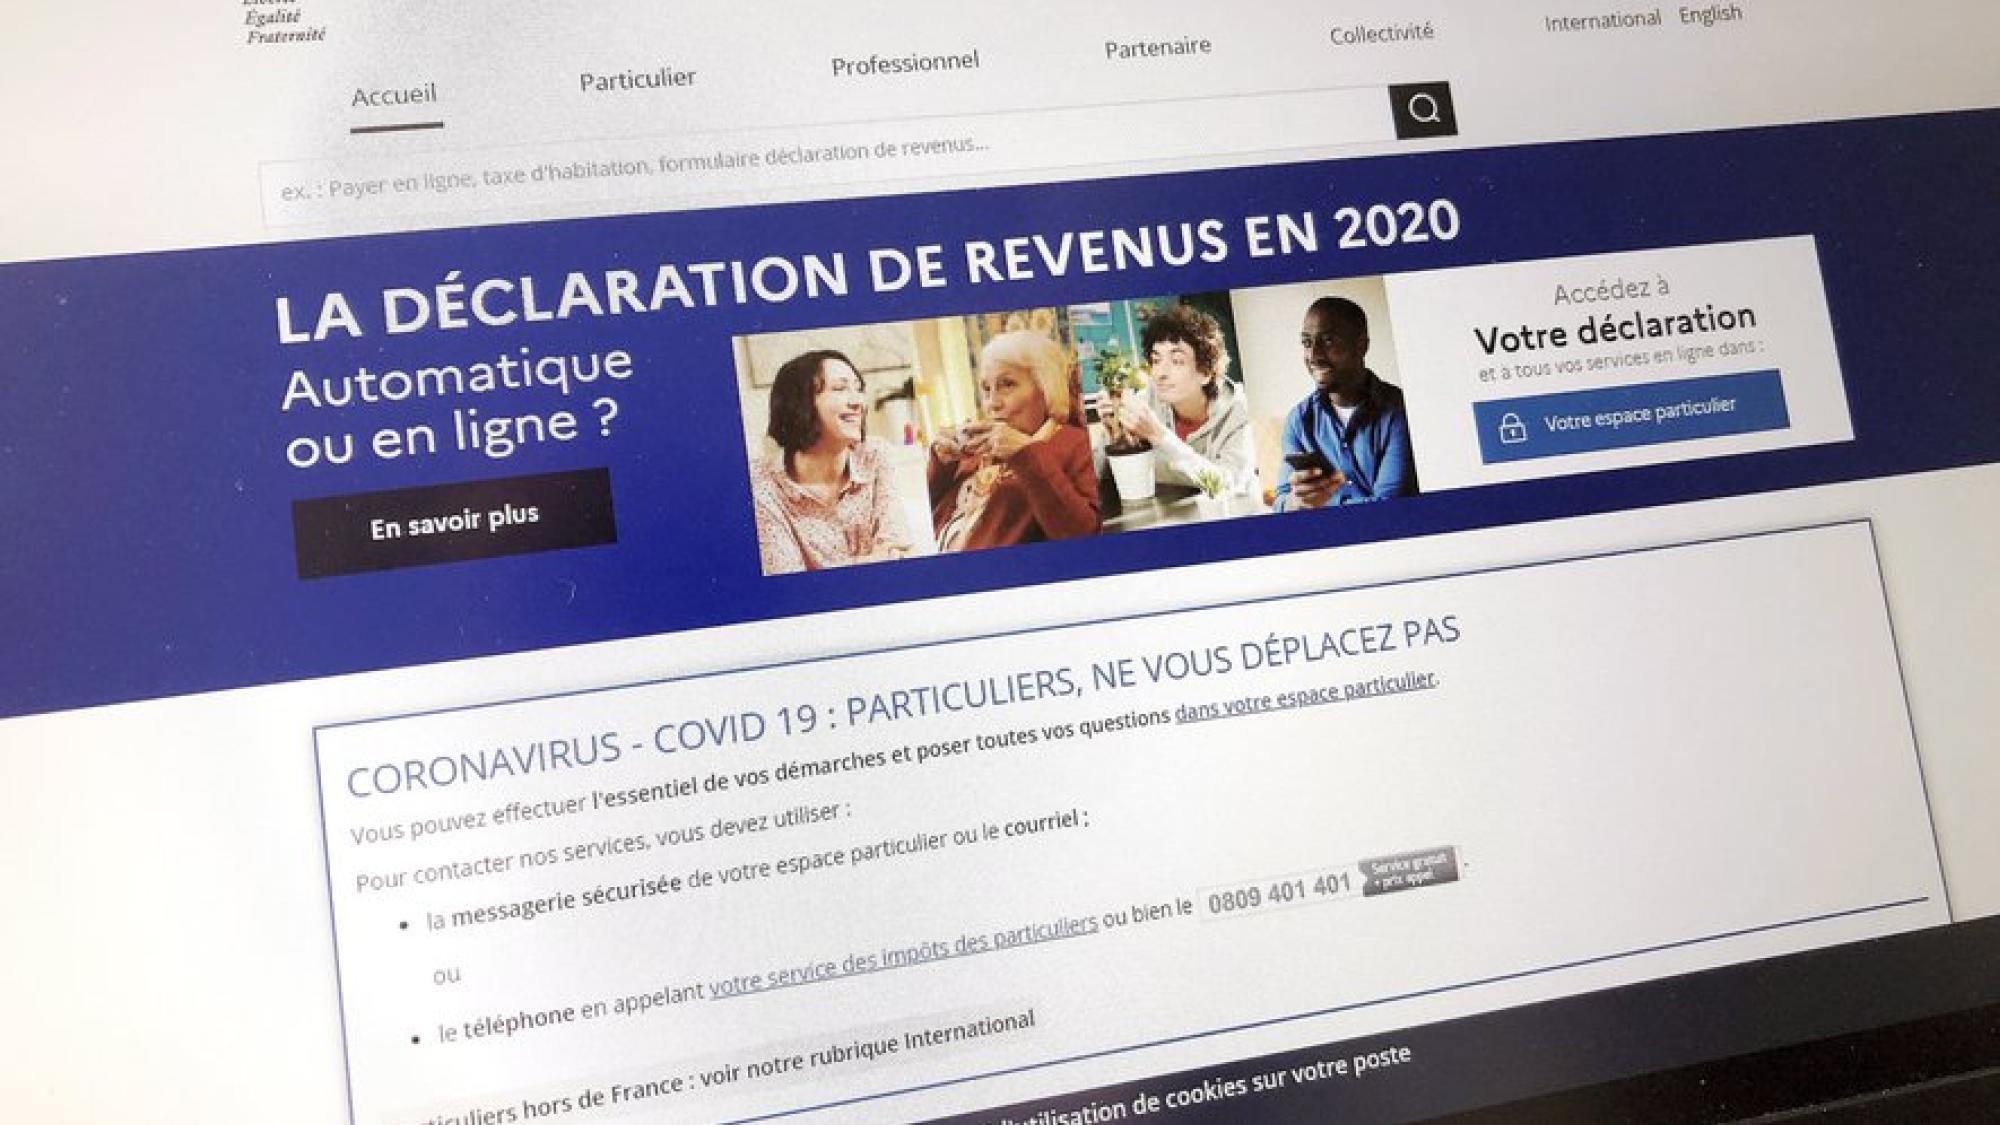 Déclaration de revenu 2020, quelques précisions